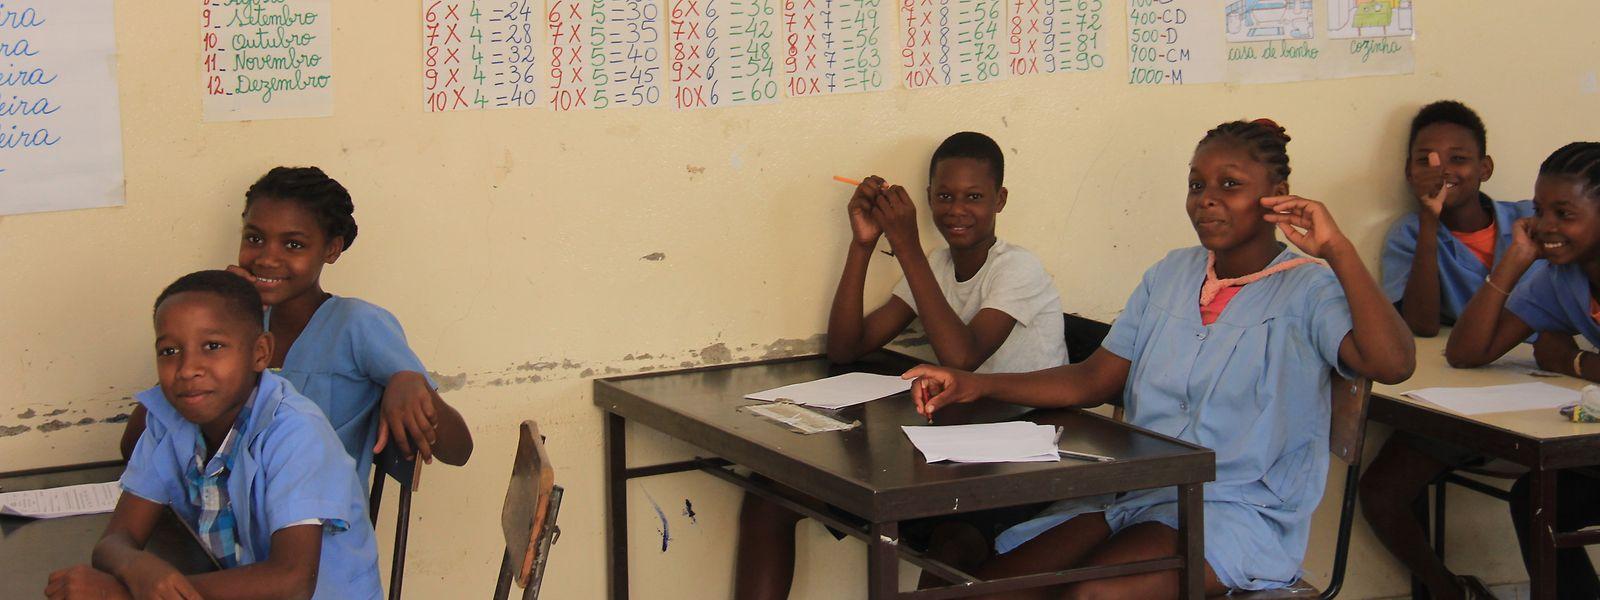 Auch in einer Grundschule in Ribeira Brava auf der kapverdischen Insel São Nicolau waren die Lehrer und Schüler des hauptstädtischen Kolléisch zu Besuch. (April 2014)